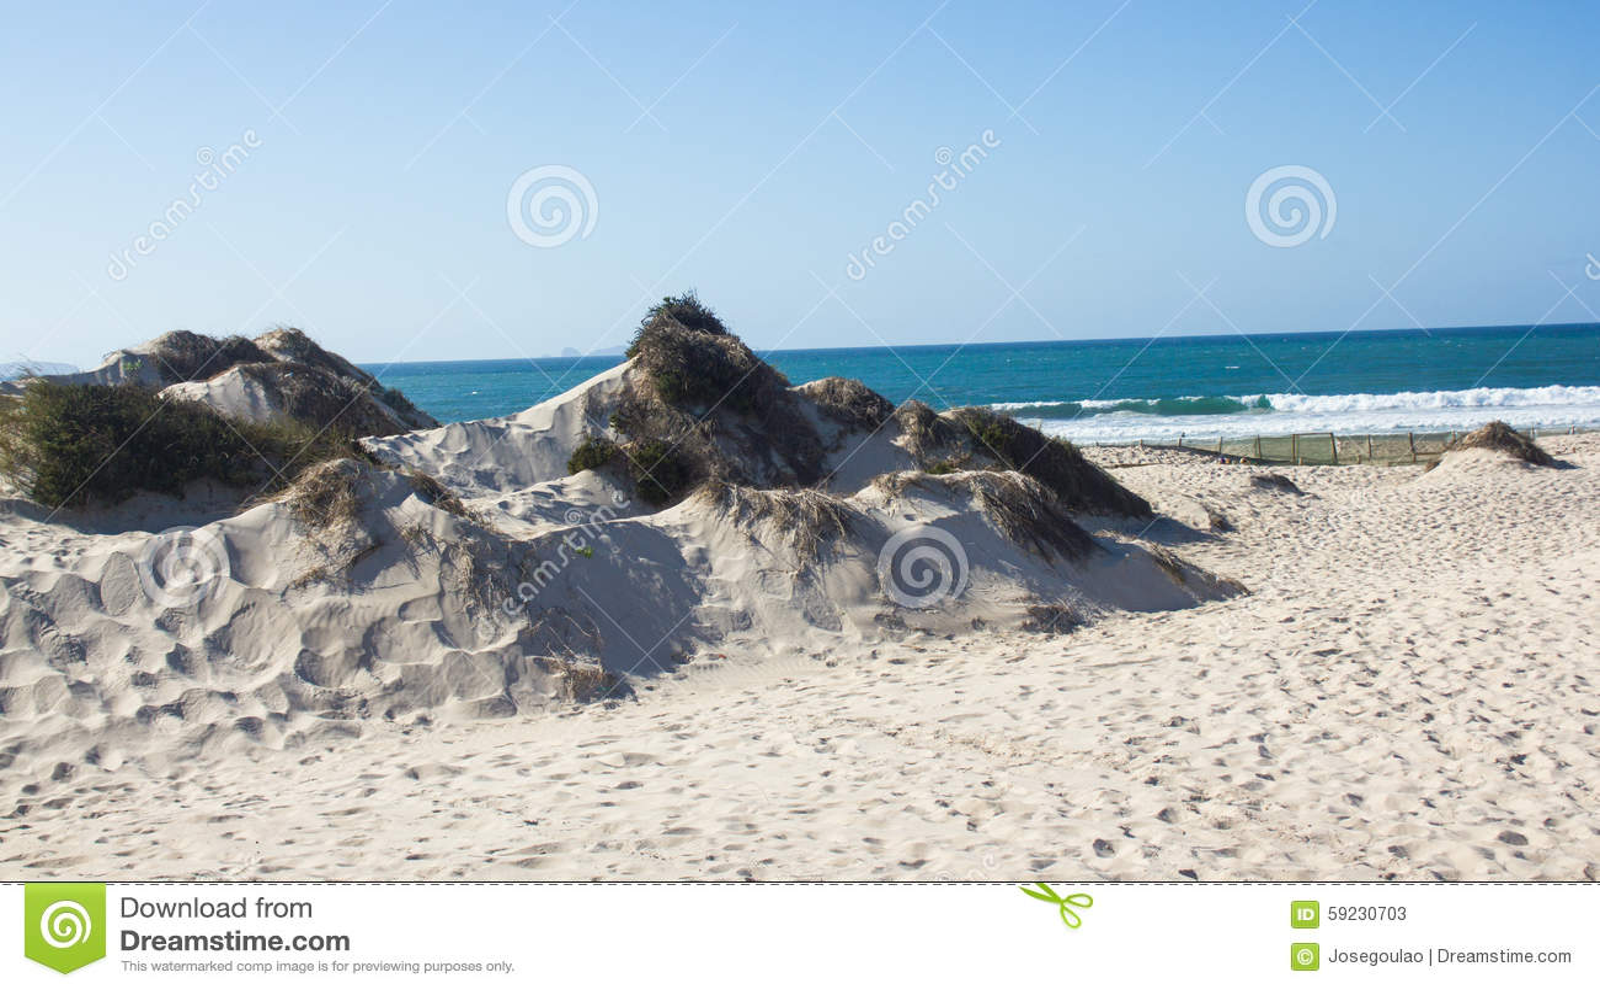 Download Dunas De Arena Naturales, Viejas Y Protegidas En La Costa Occidental Atlántica De Portugal, Peniche, Baleal Imagen de archivo - Imagen de paisaje, protegido: 59230703